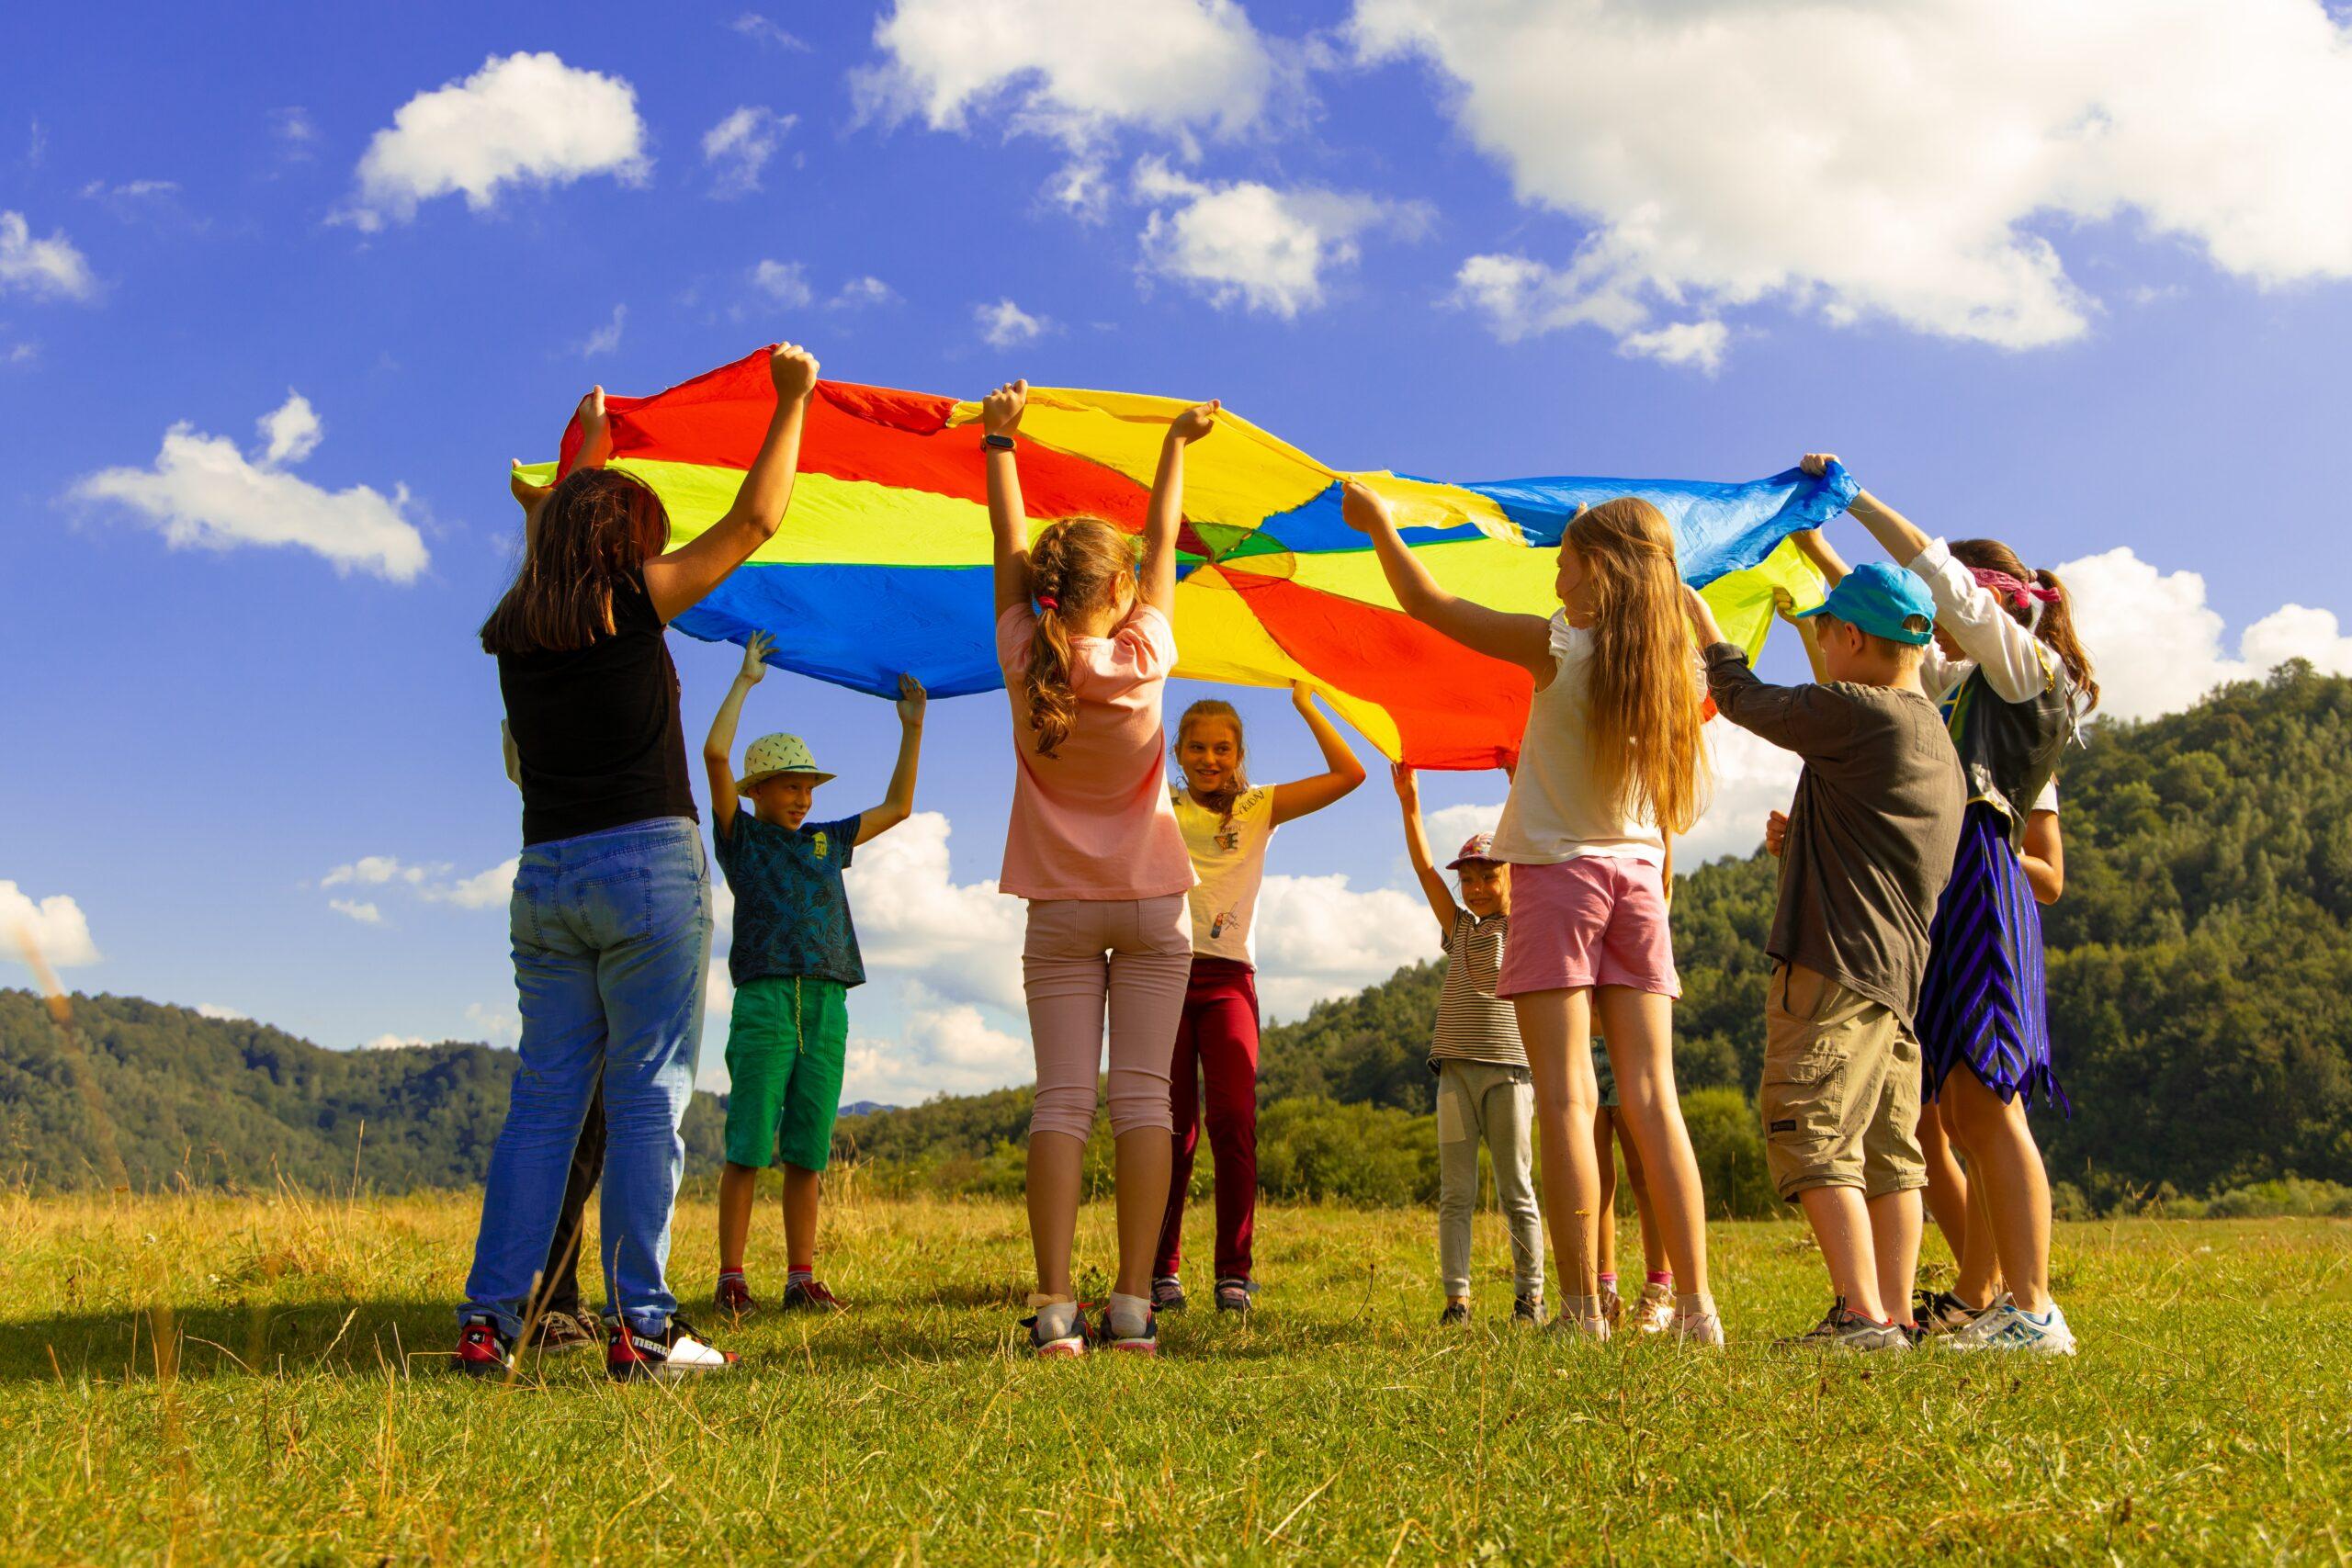 Column: Kinderen zijn niet 'speciaal'